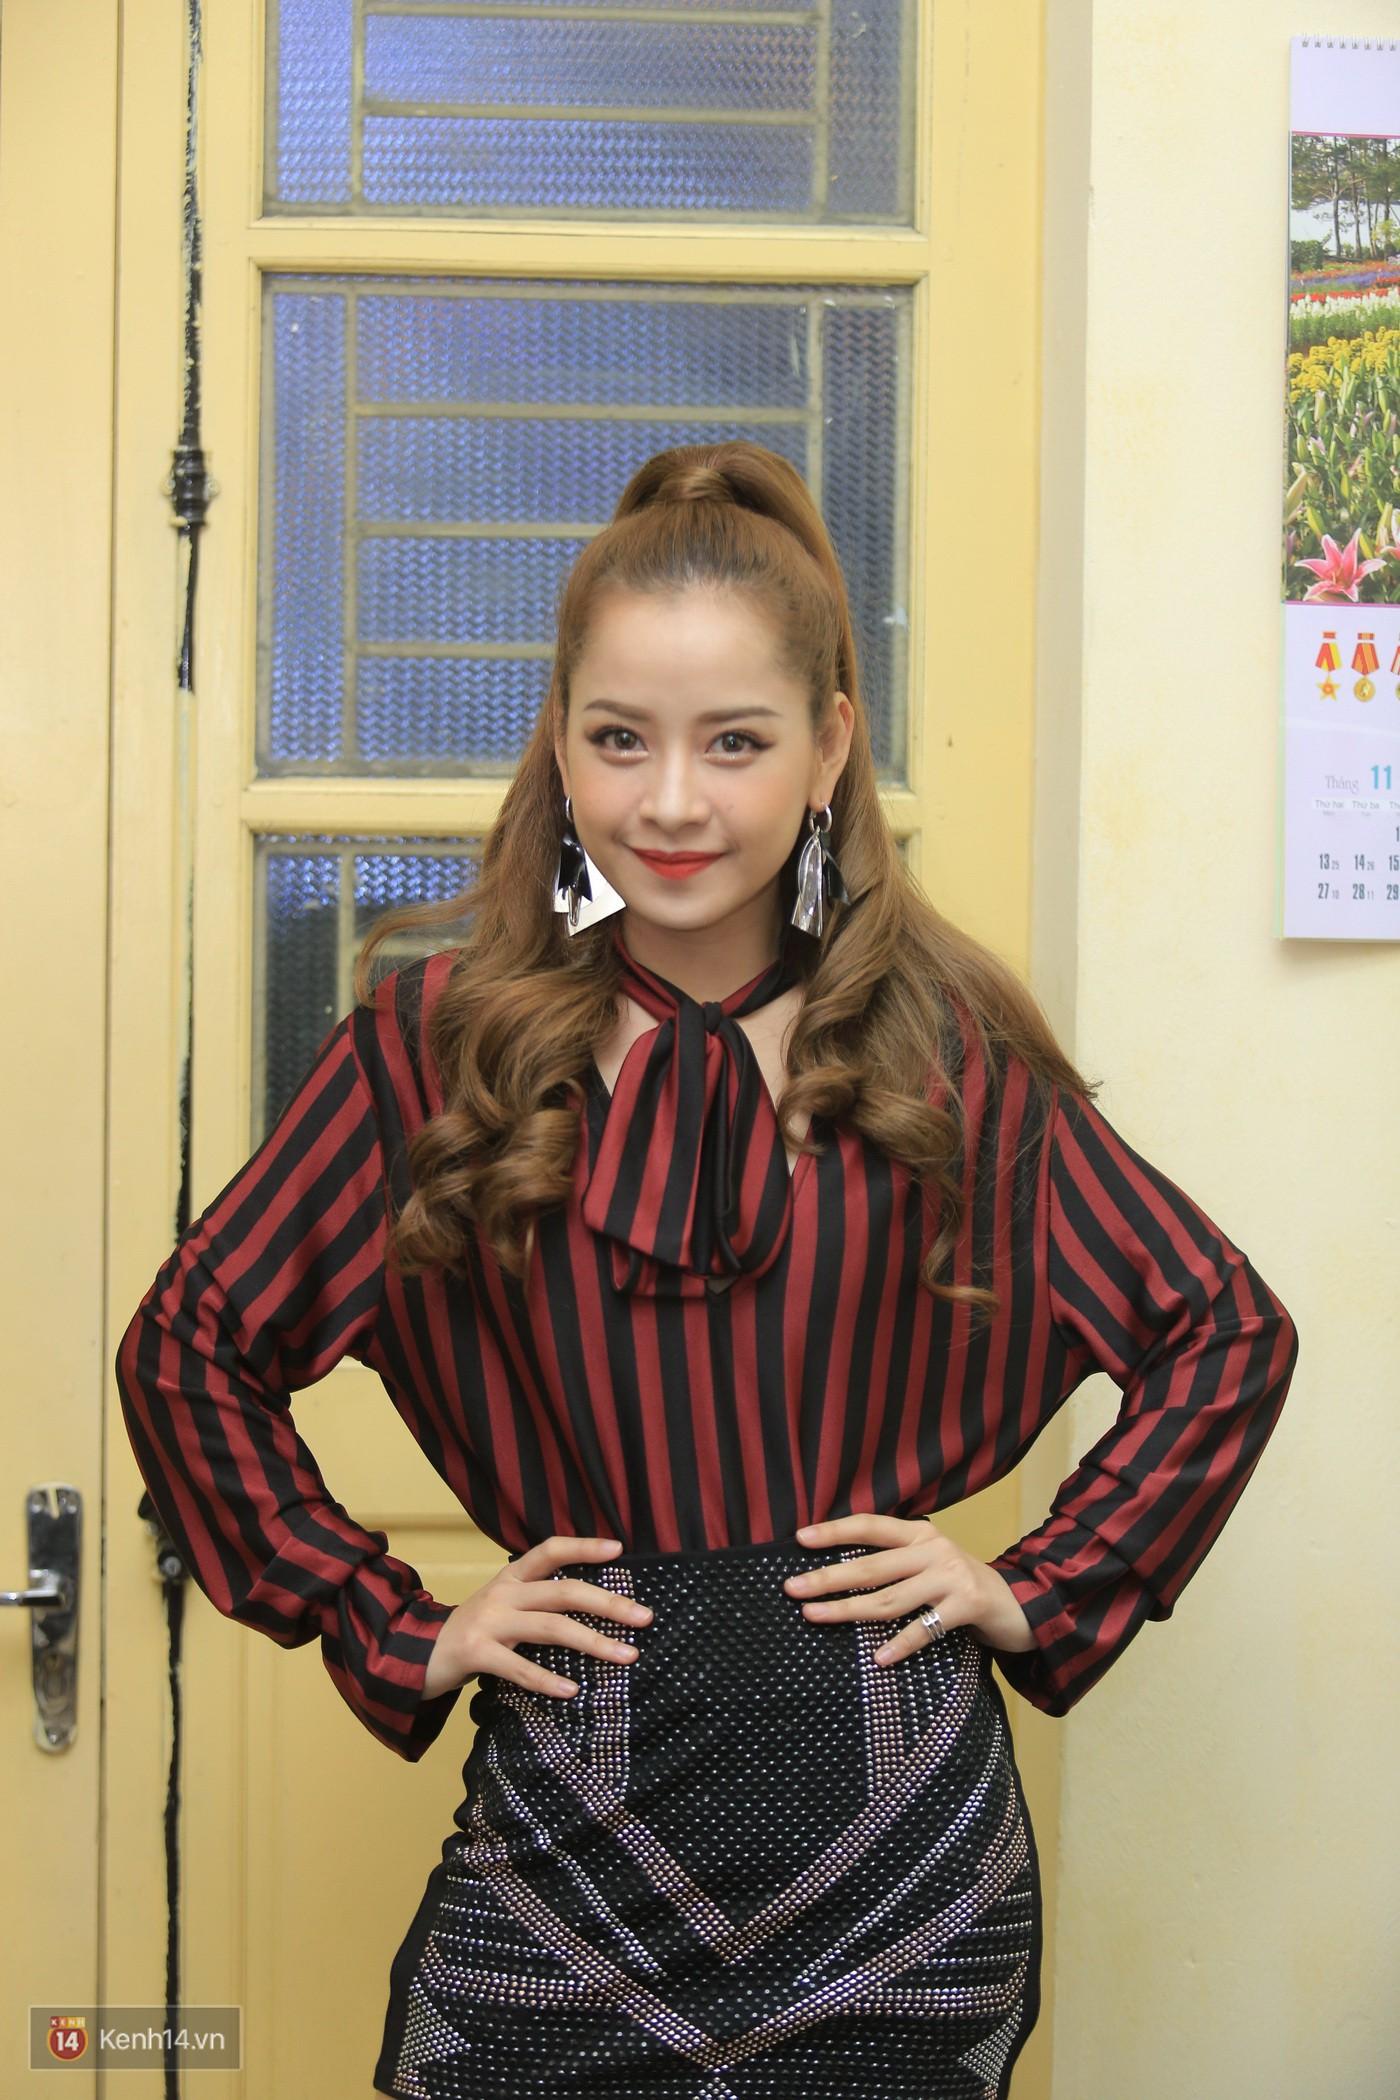 Trai xinh gái đẹp trường Lê Quý Đôn (Hà Nội) quẩy tưng bừng trong prom chào mừng 20/11 - Ảnh 7.